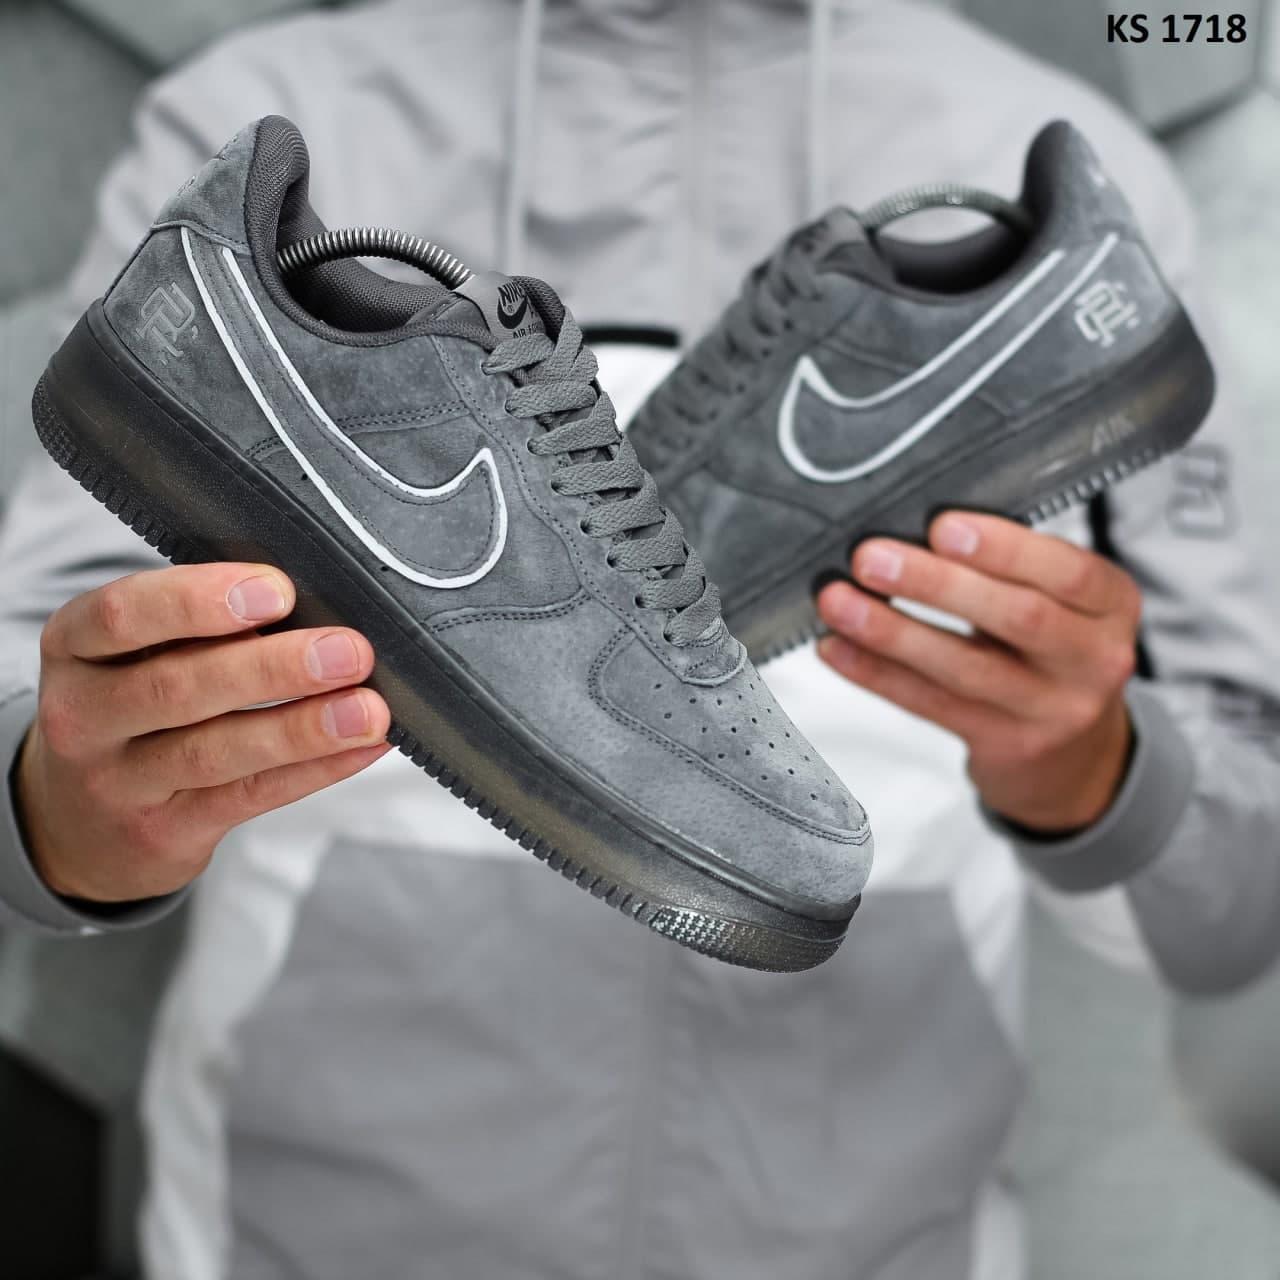 Чоловічі кросівки Nike Air Force 1 Mid х Reigning (темно/сірі) KS 1718 якісні стильні кроси